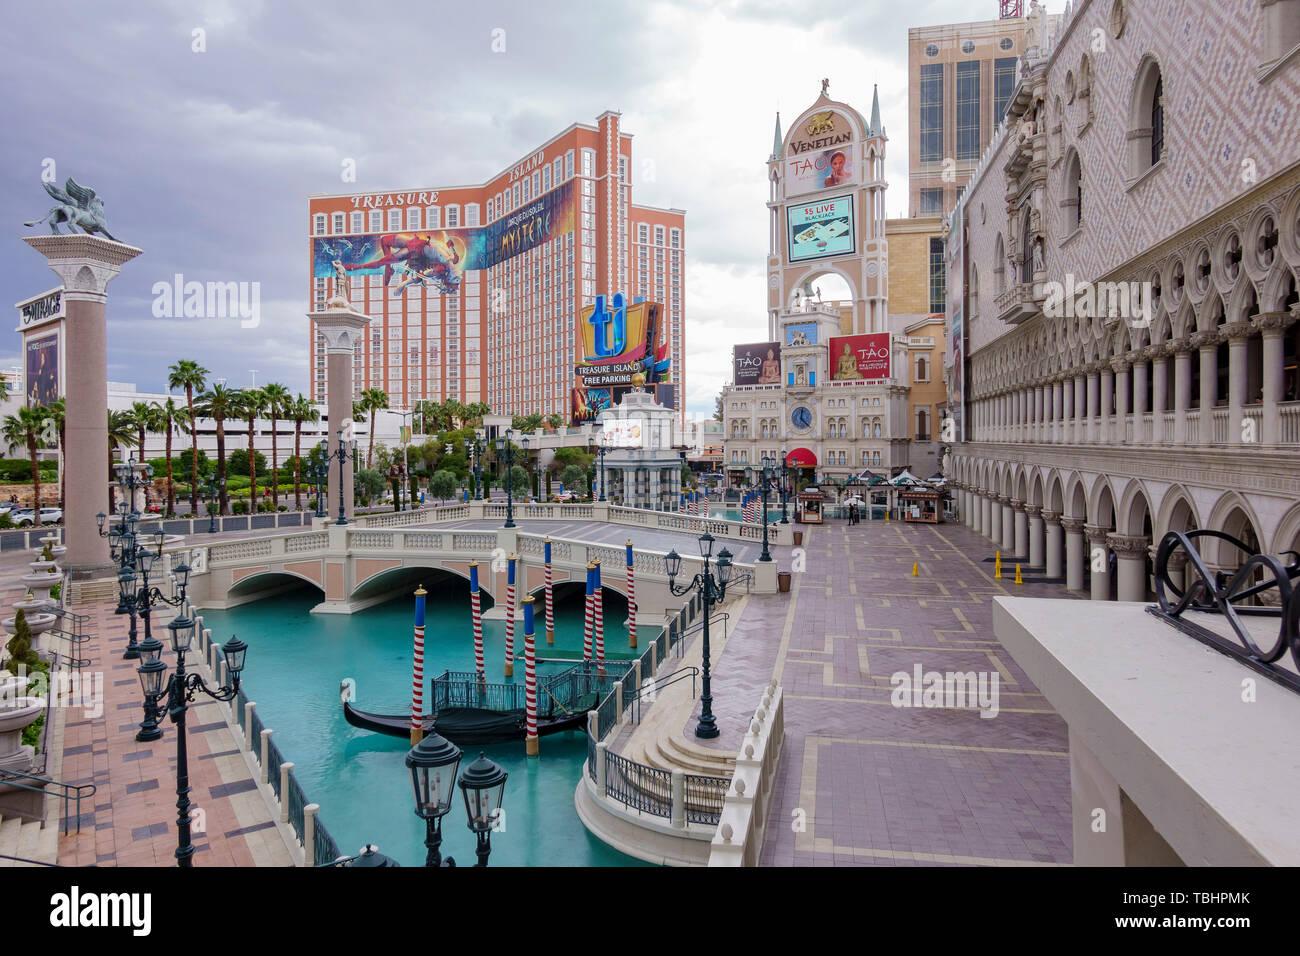 Vegas Cloudy Day Stock Photos & Vegas Cloudy Day Stock Images - Alamy